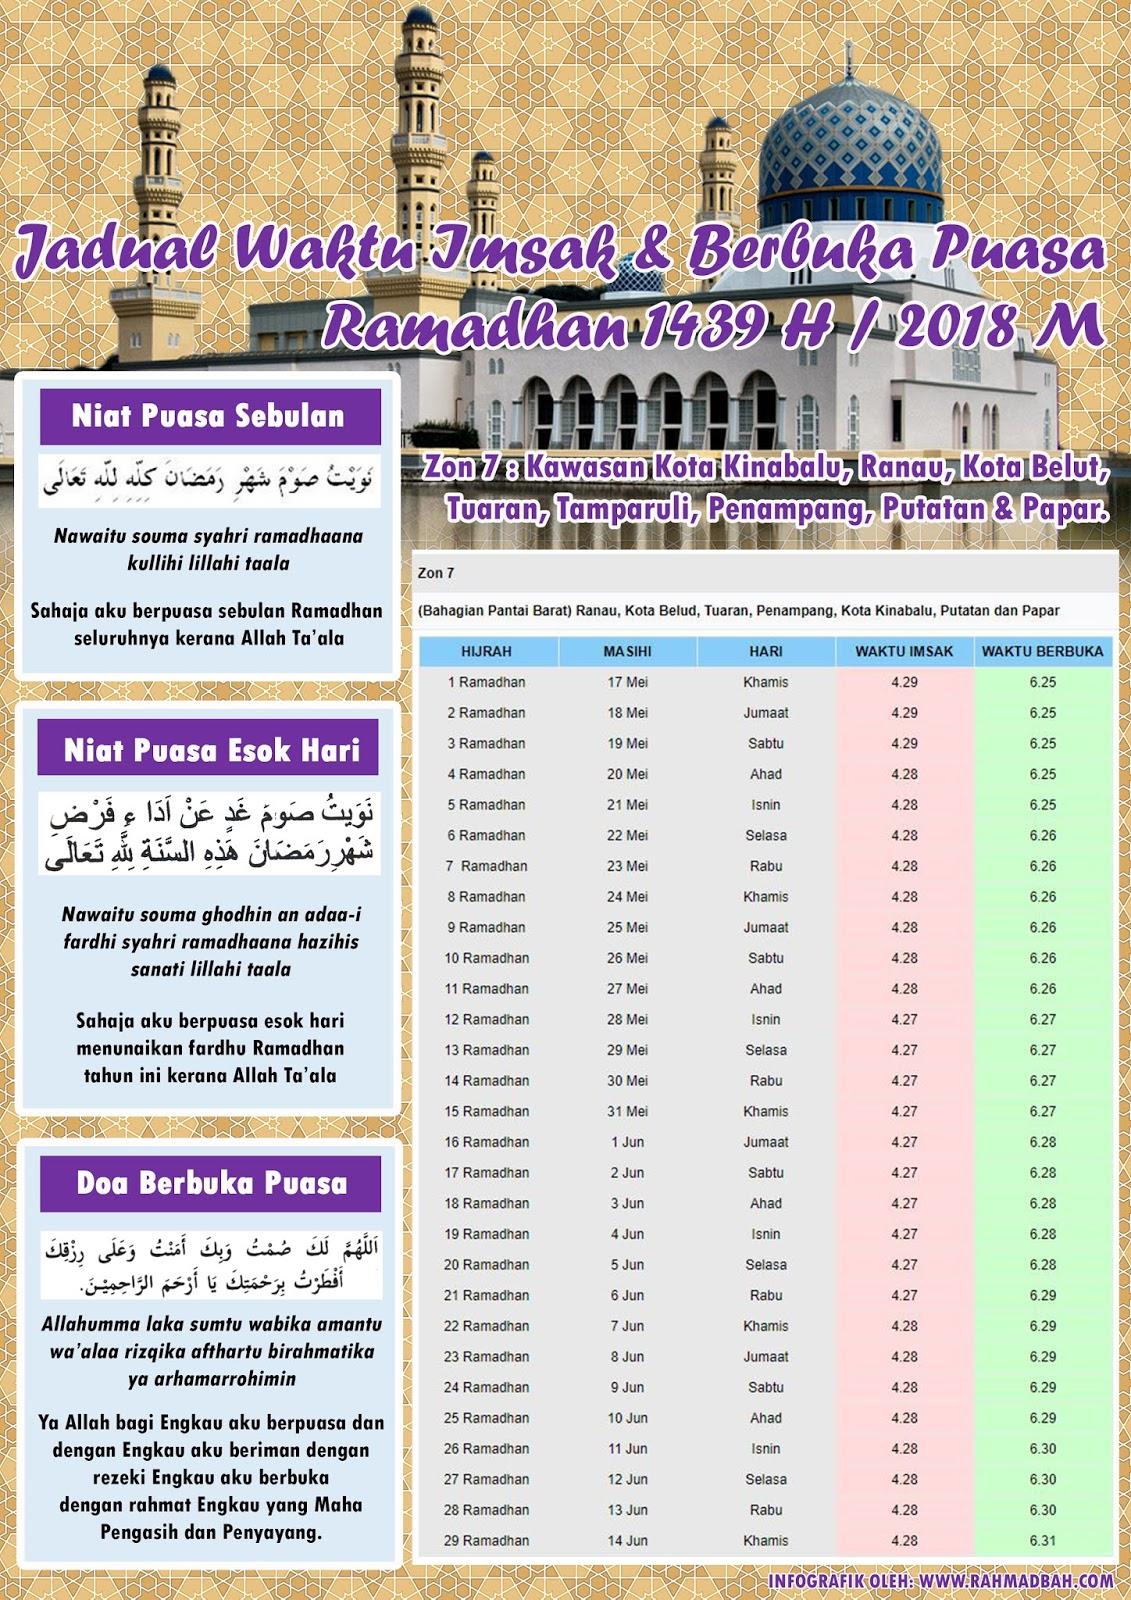 Waktu Berbuka & Imsak Kota Kinabalu Sabah 2018